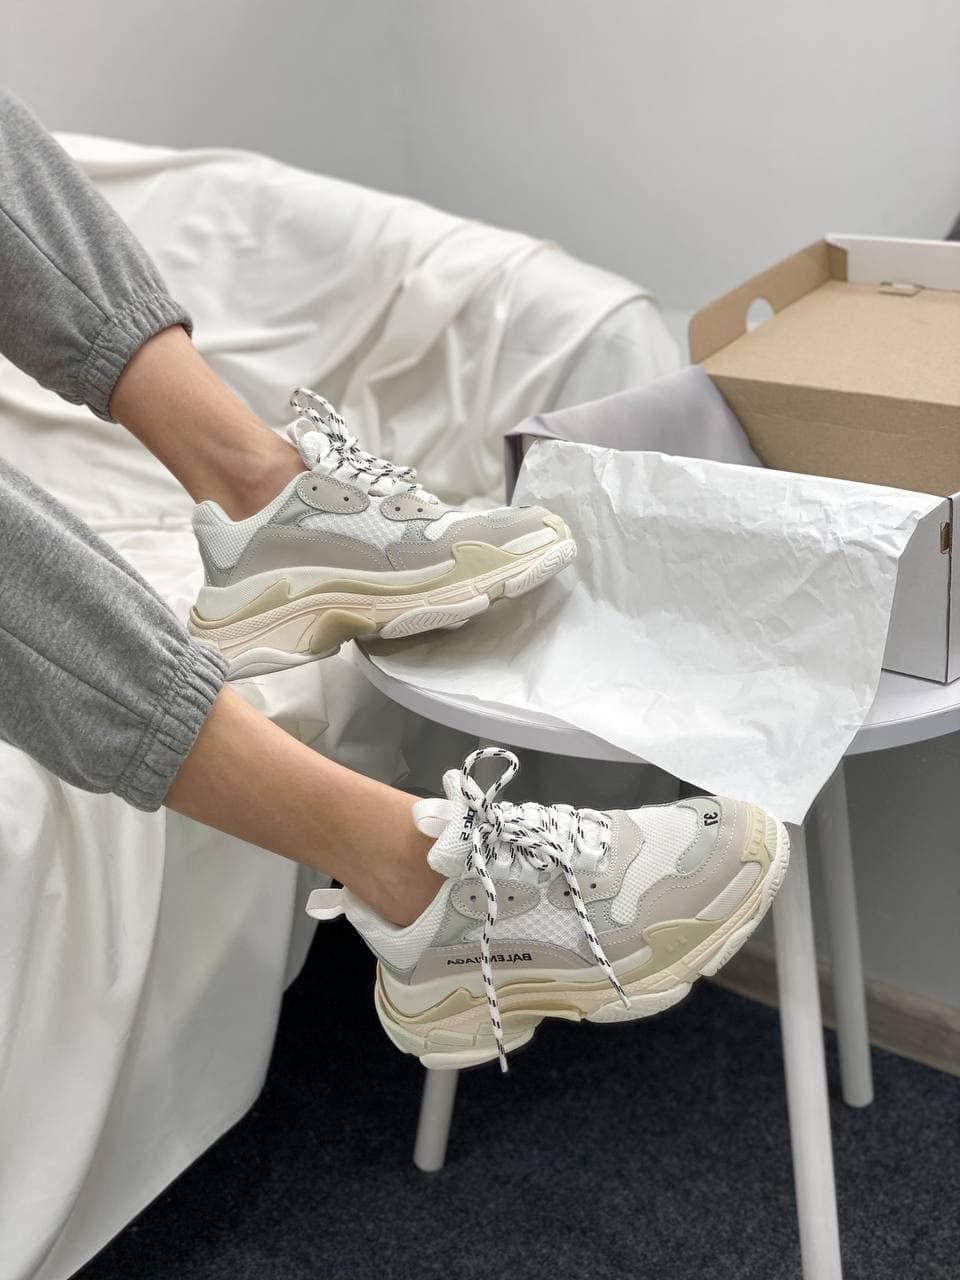 Женские кроссовки Balenciaga Triple S White (белые) BL012 спортивная обувь для девушек